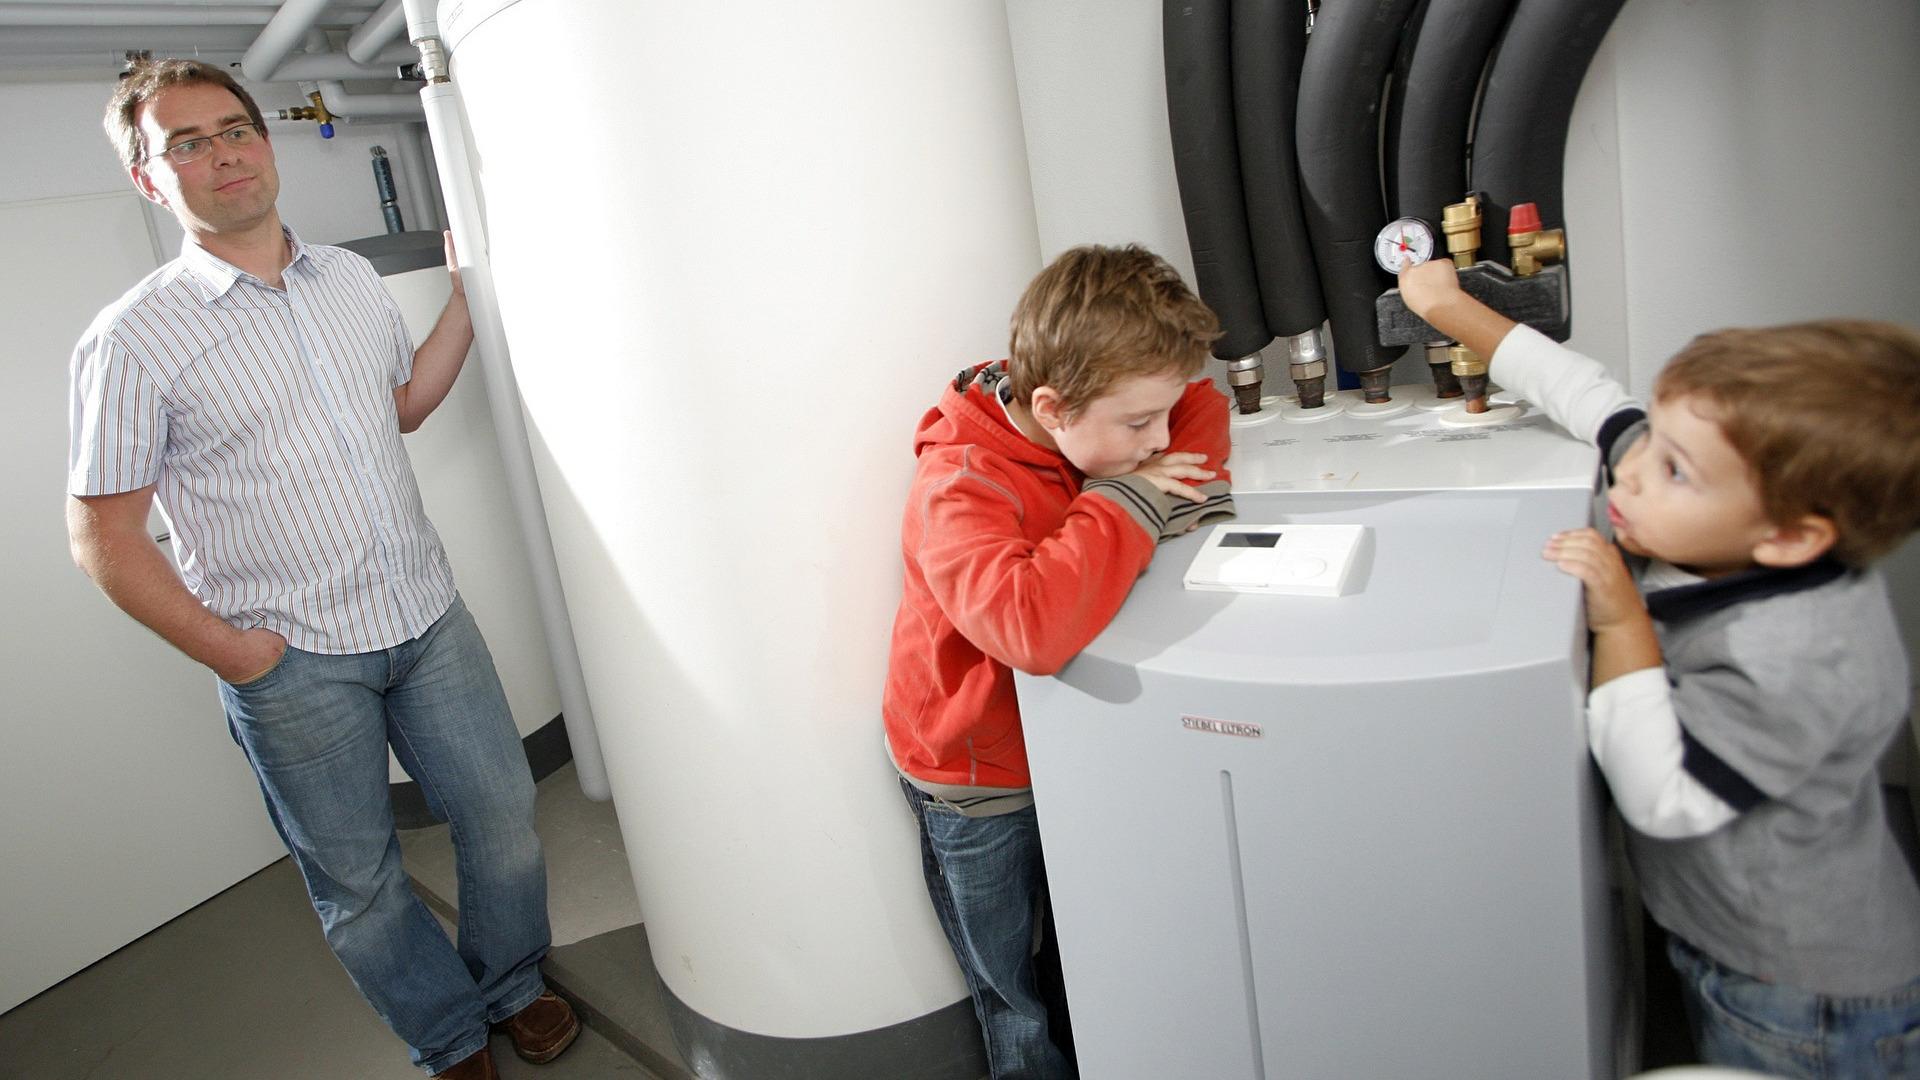 Lämmitysjärjestelmiä löytyy monta erilaista - selvitys etukäteen kannattaa